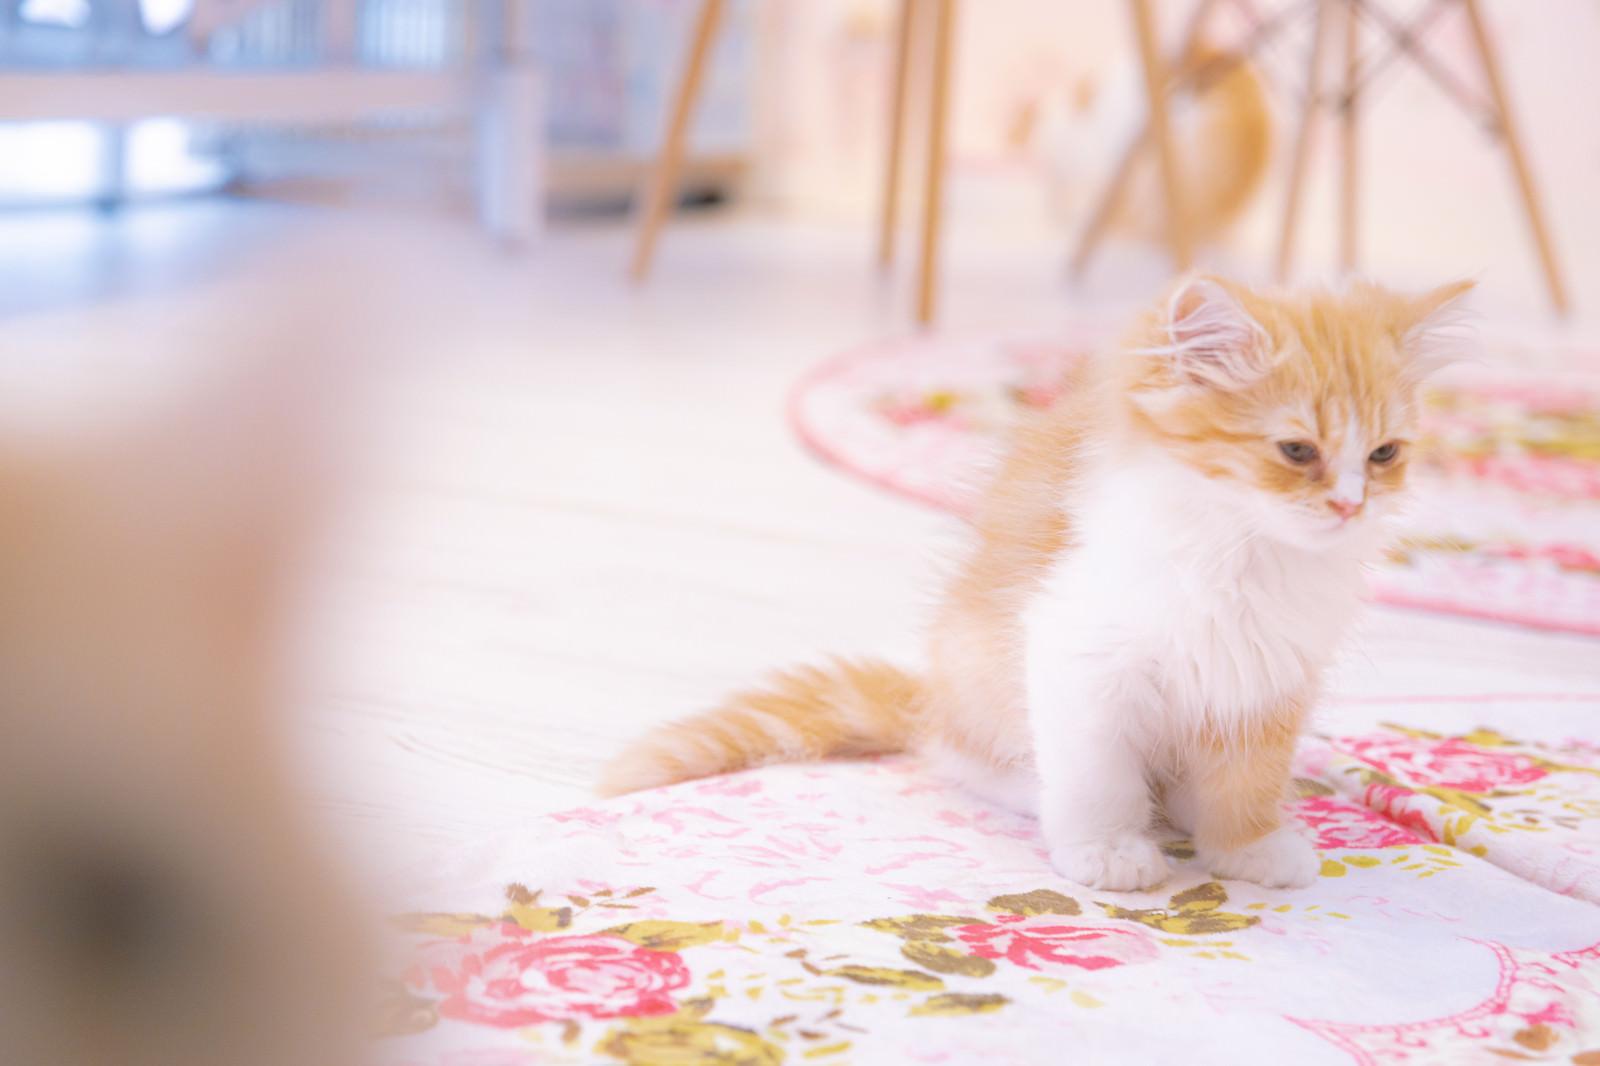 「寝落ち寸前の子猫」の写真